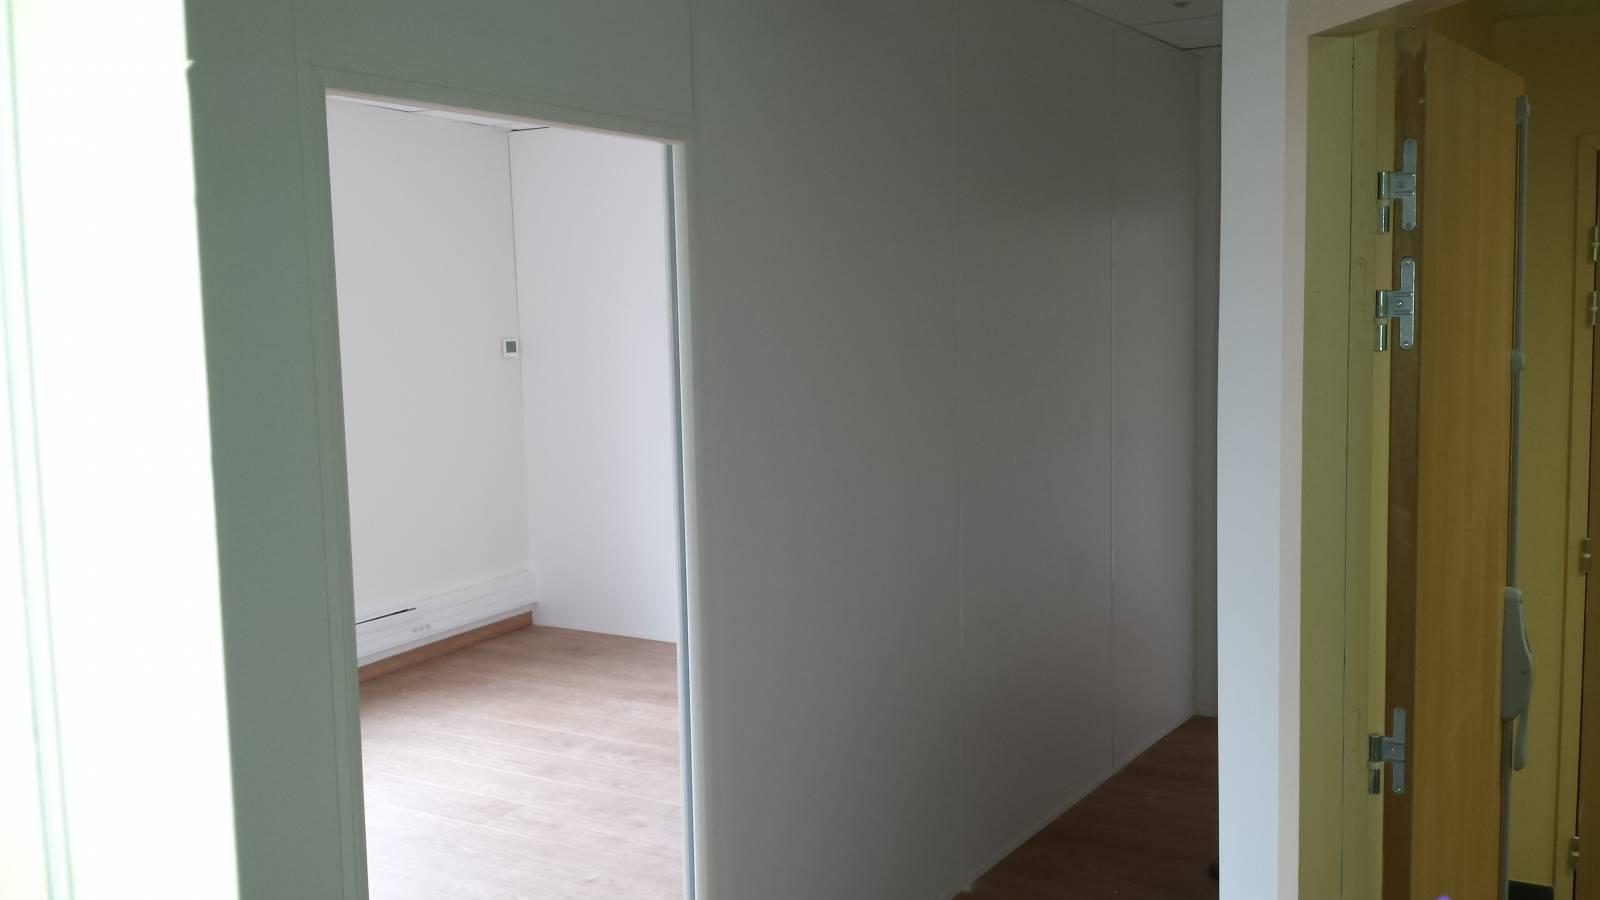 pose de cloisons fixe paris marseille aix en provence lyon aix en provence nation cloison. Black Bedroom Furniture Sets. Home Design Ideas